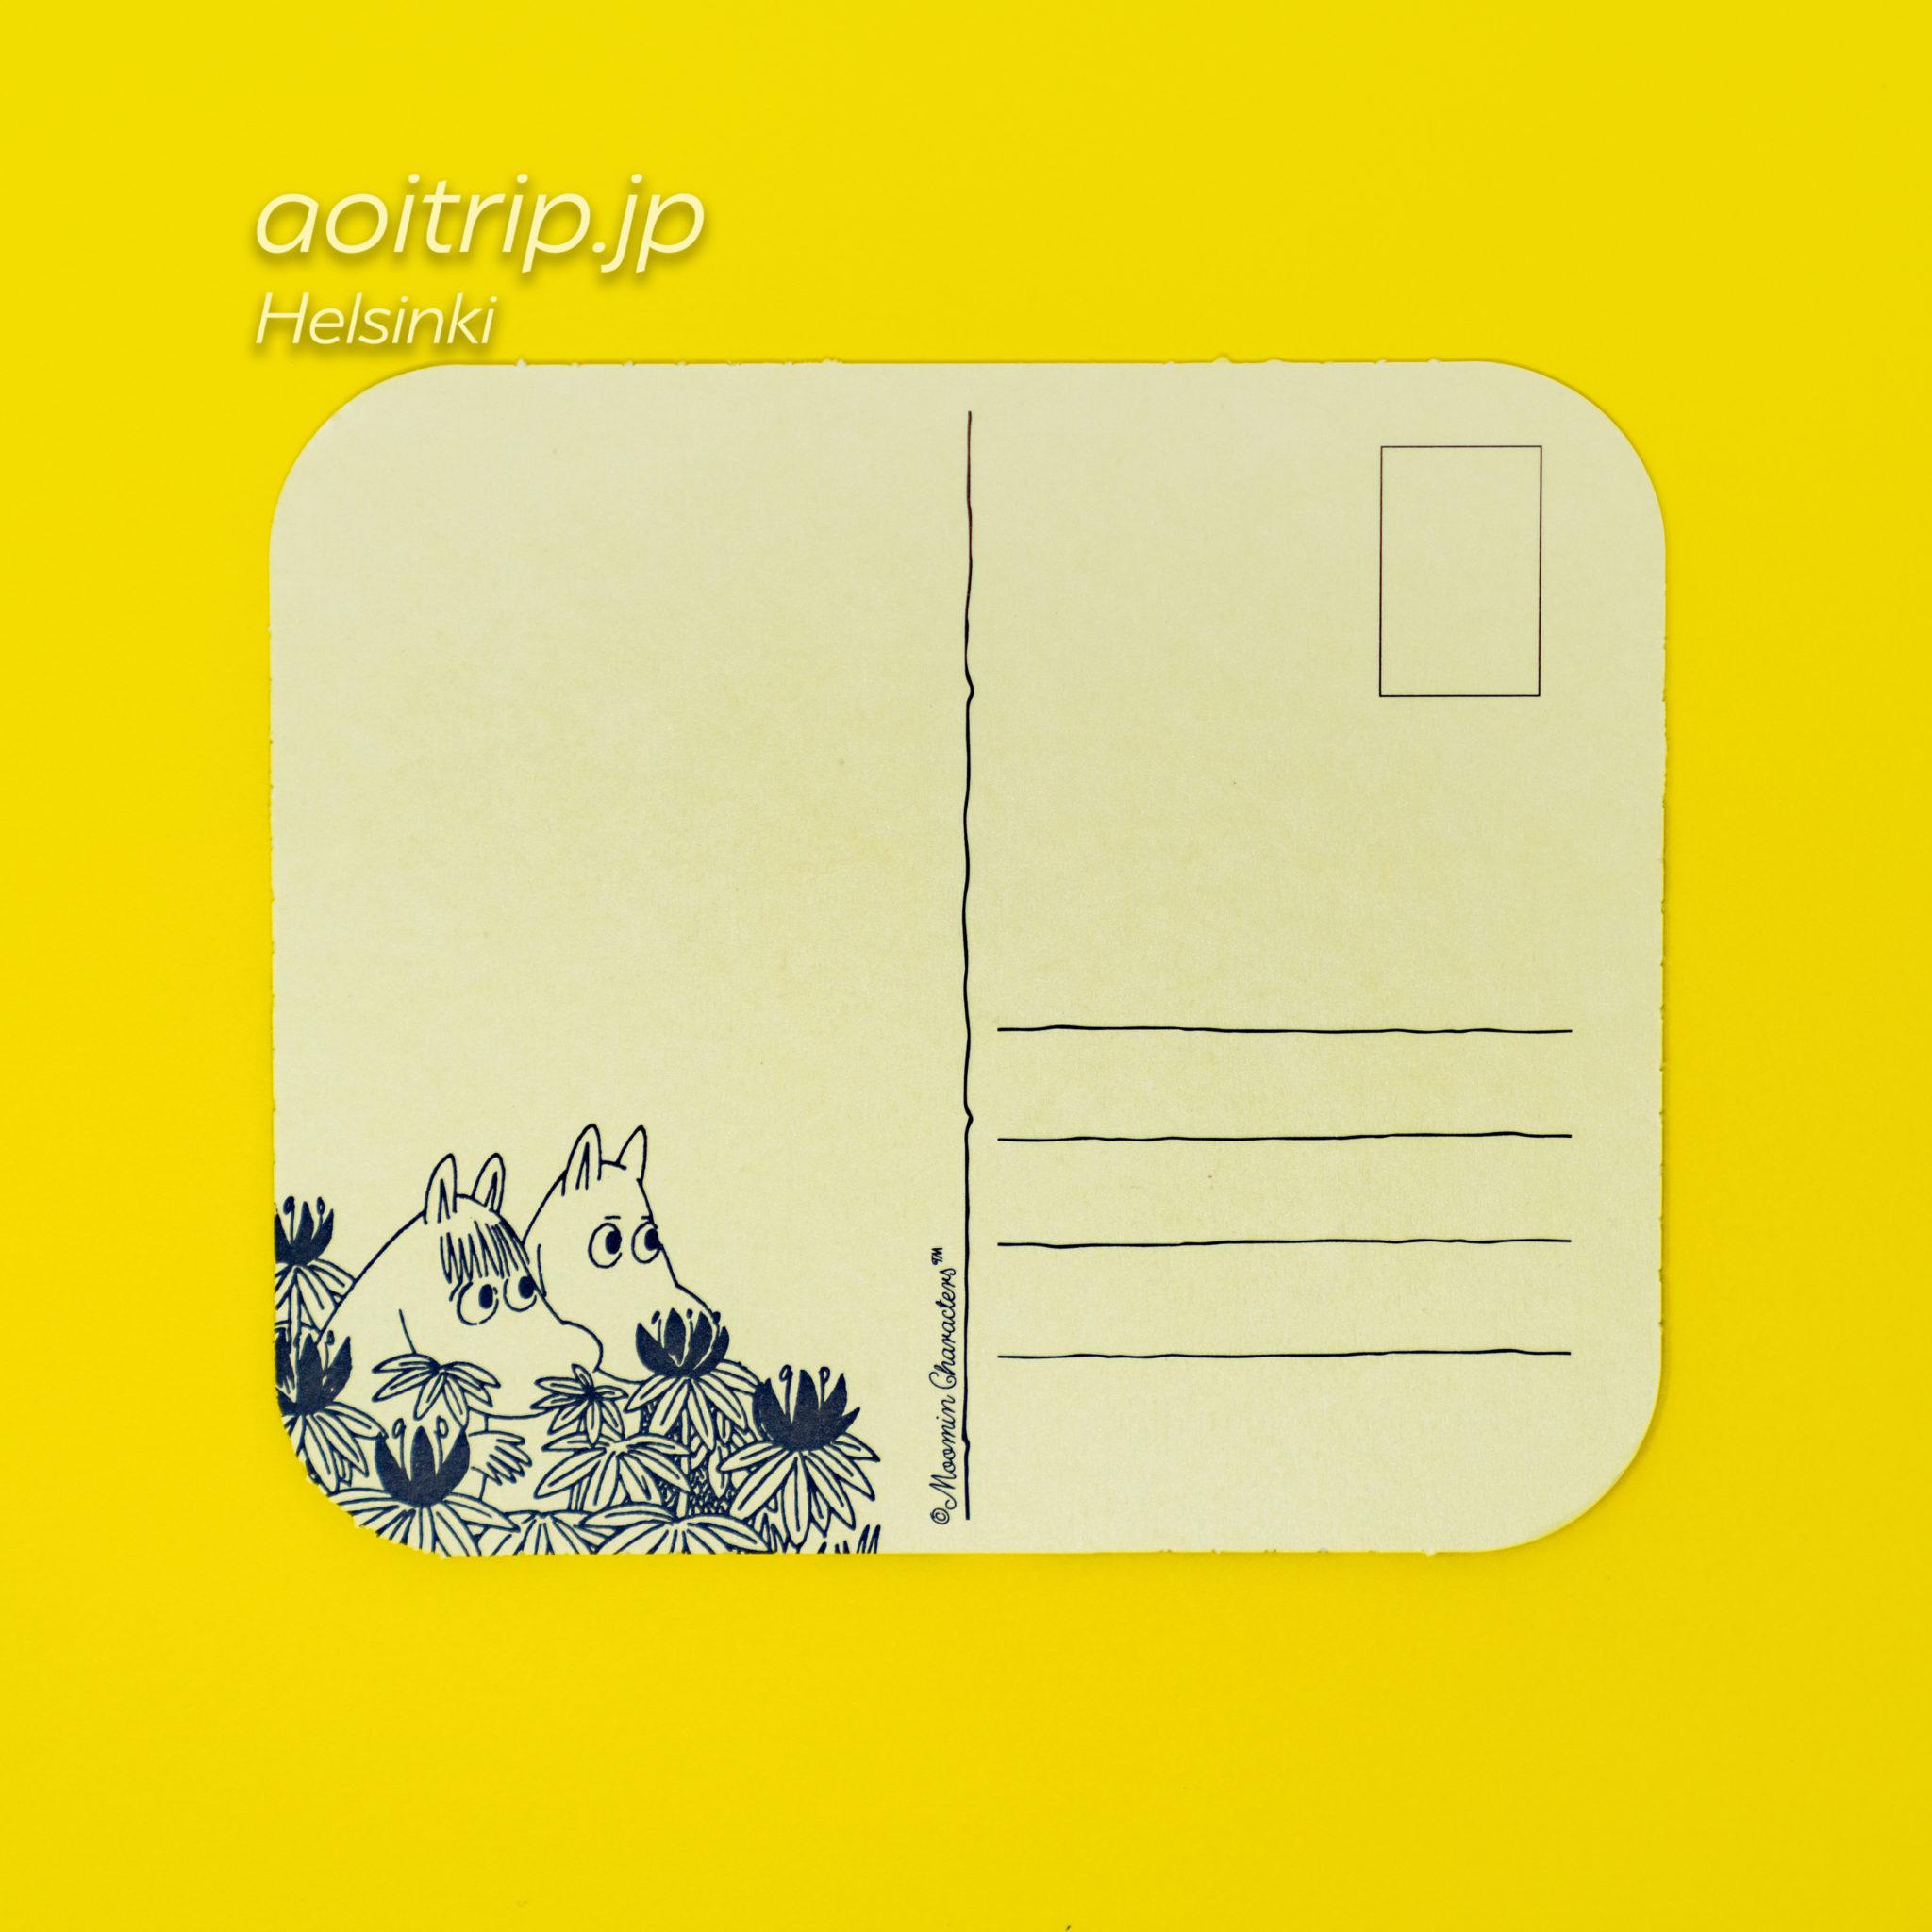 ムーミンプロダクト Fazerギフトボックス(Giftbox)